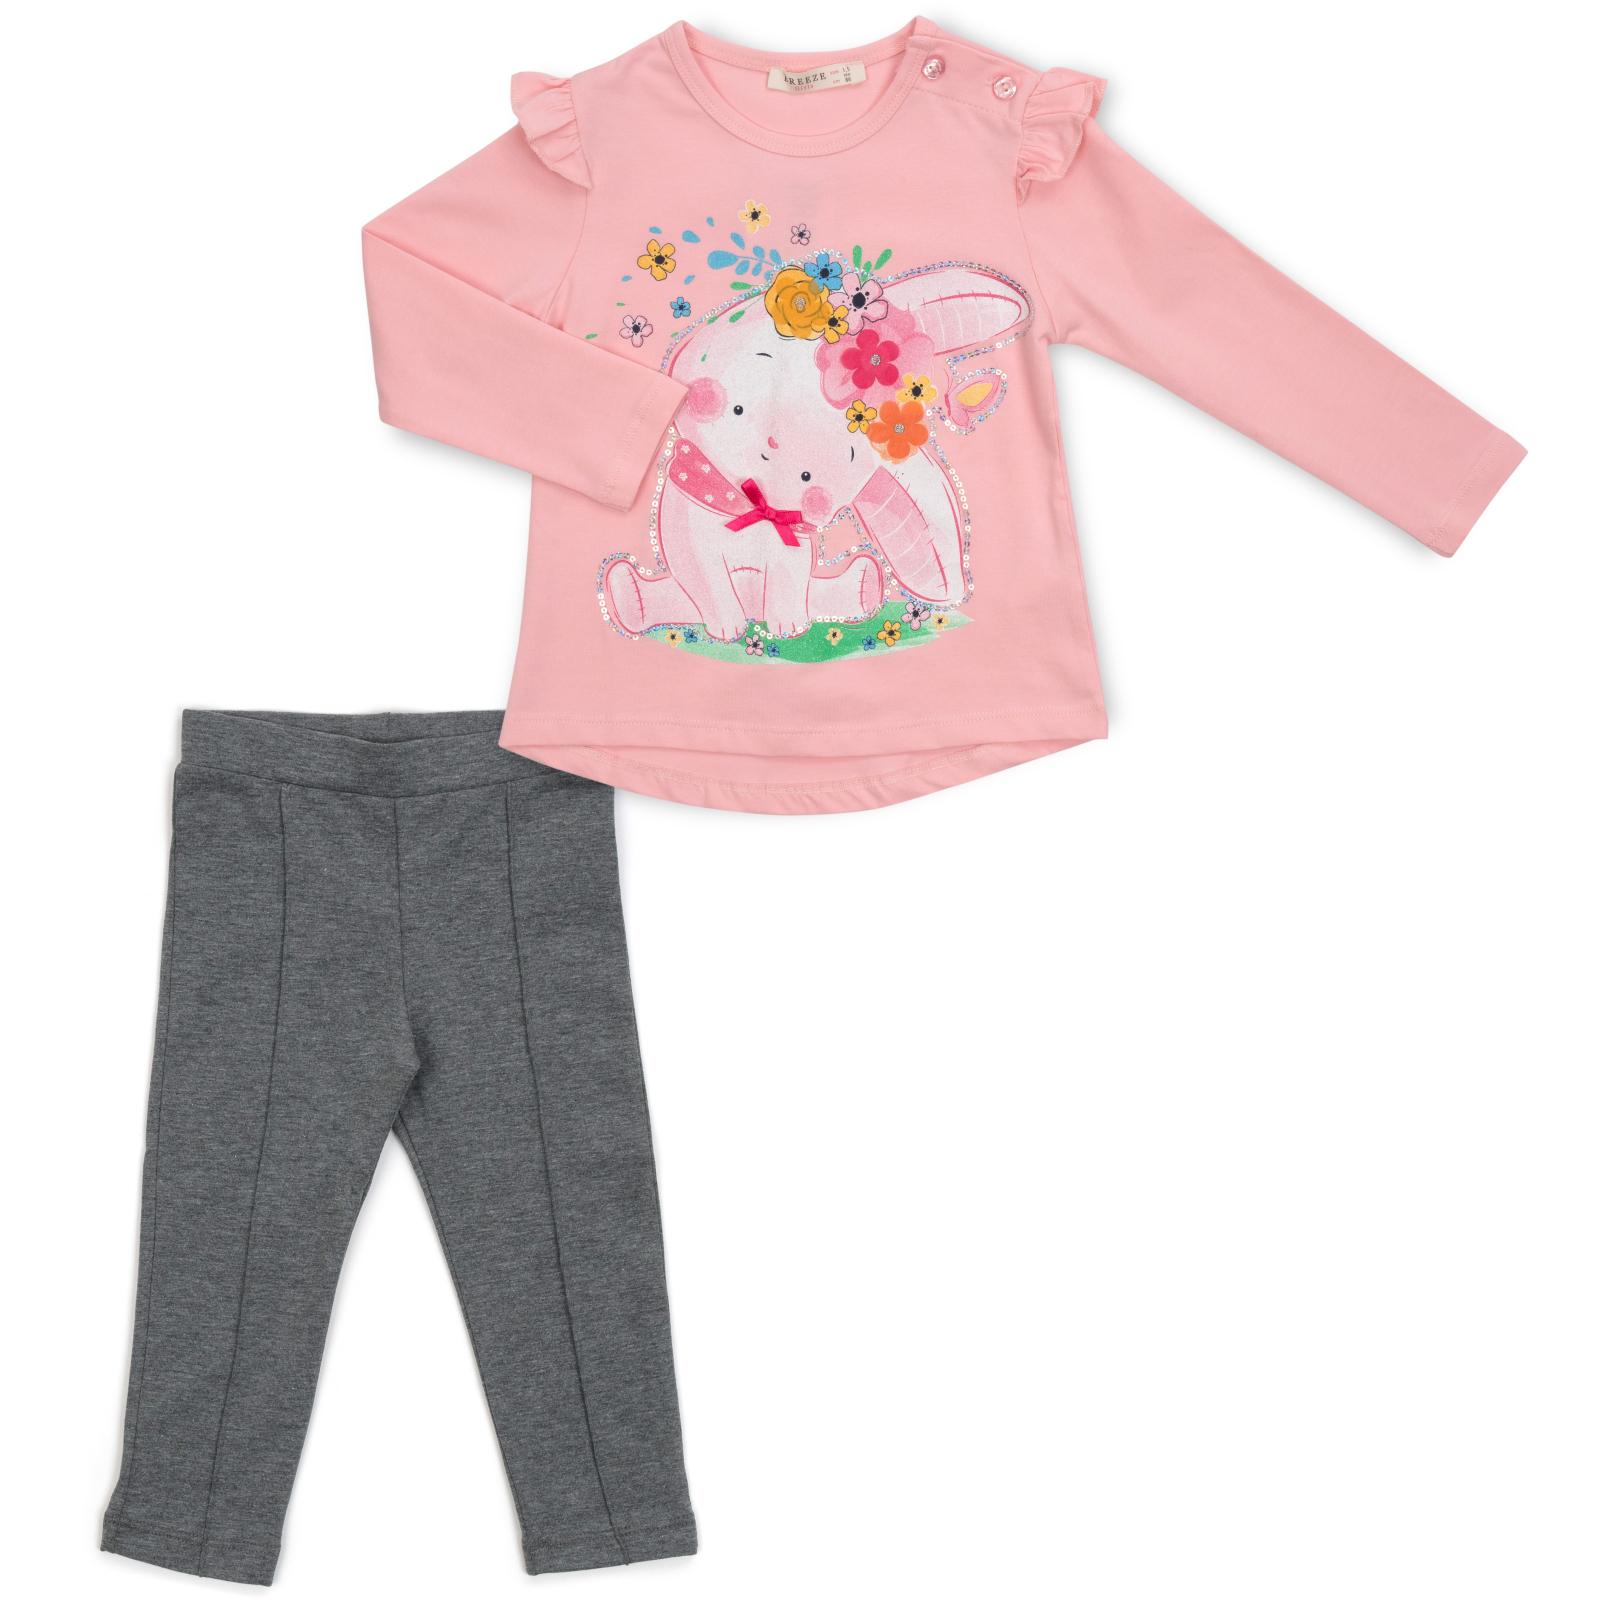 Набор детской одежды Breeze с зайчиком в цветах (13299-92G-pink)